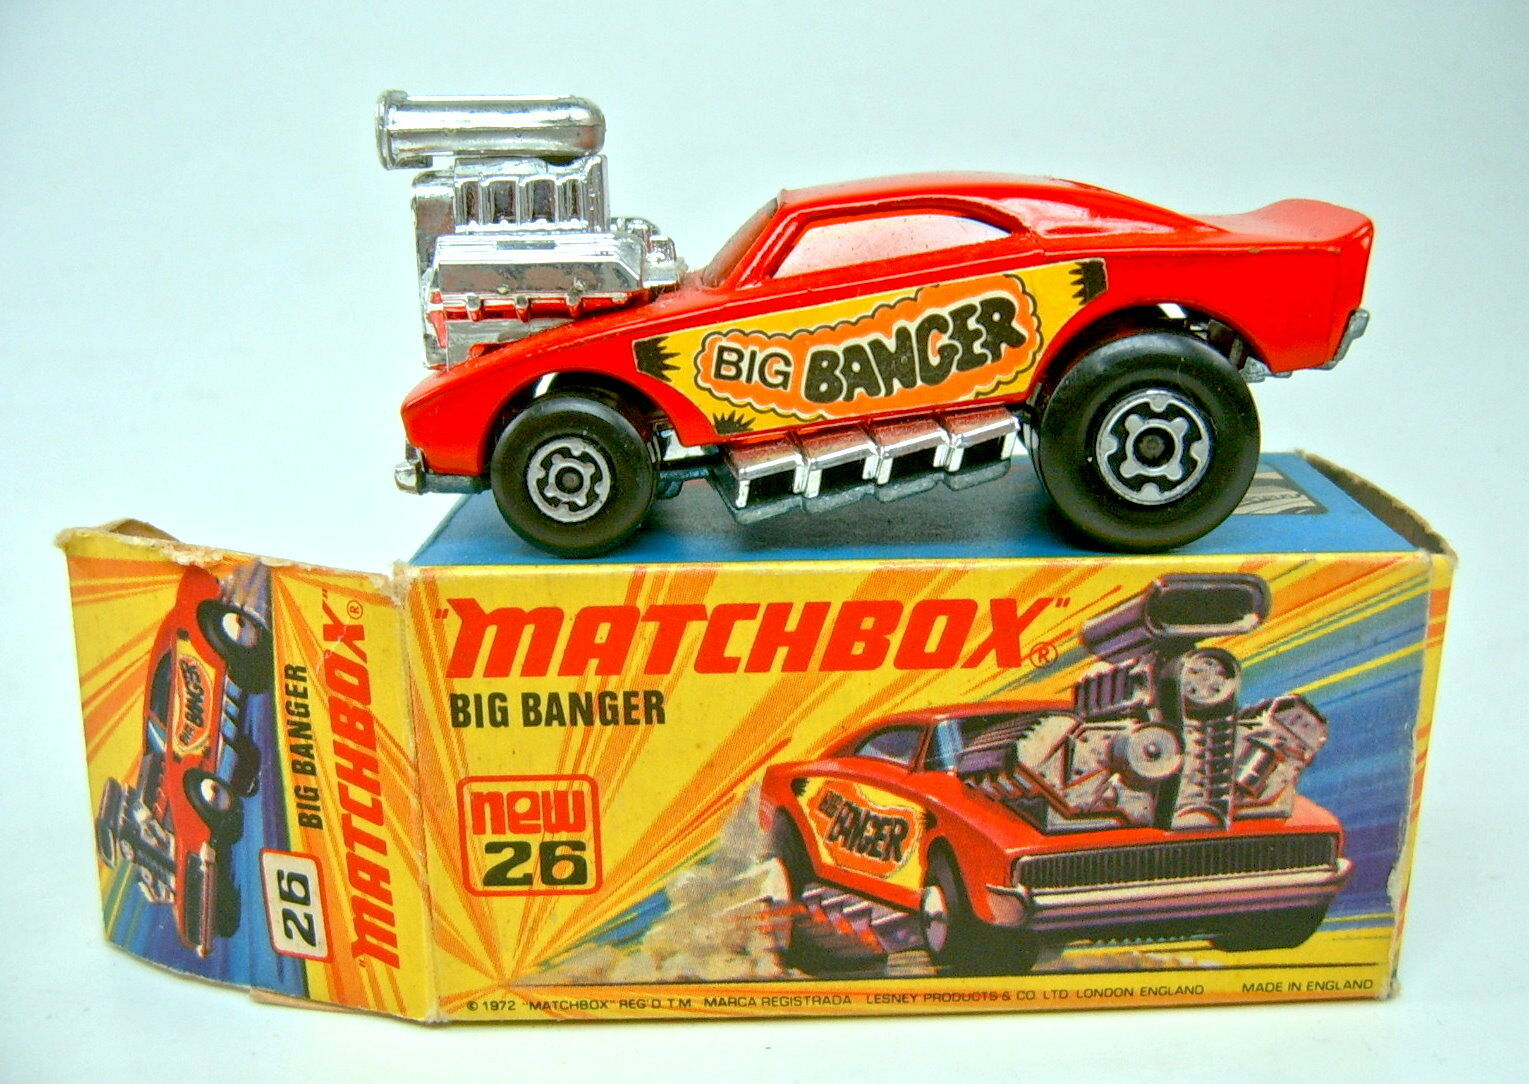 Matchbox superfast. große gangster rot - Orange handelt scheiben oben im kasten